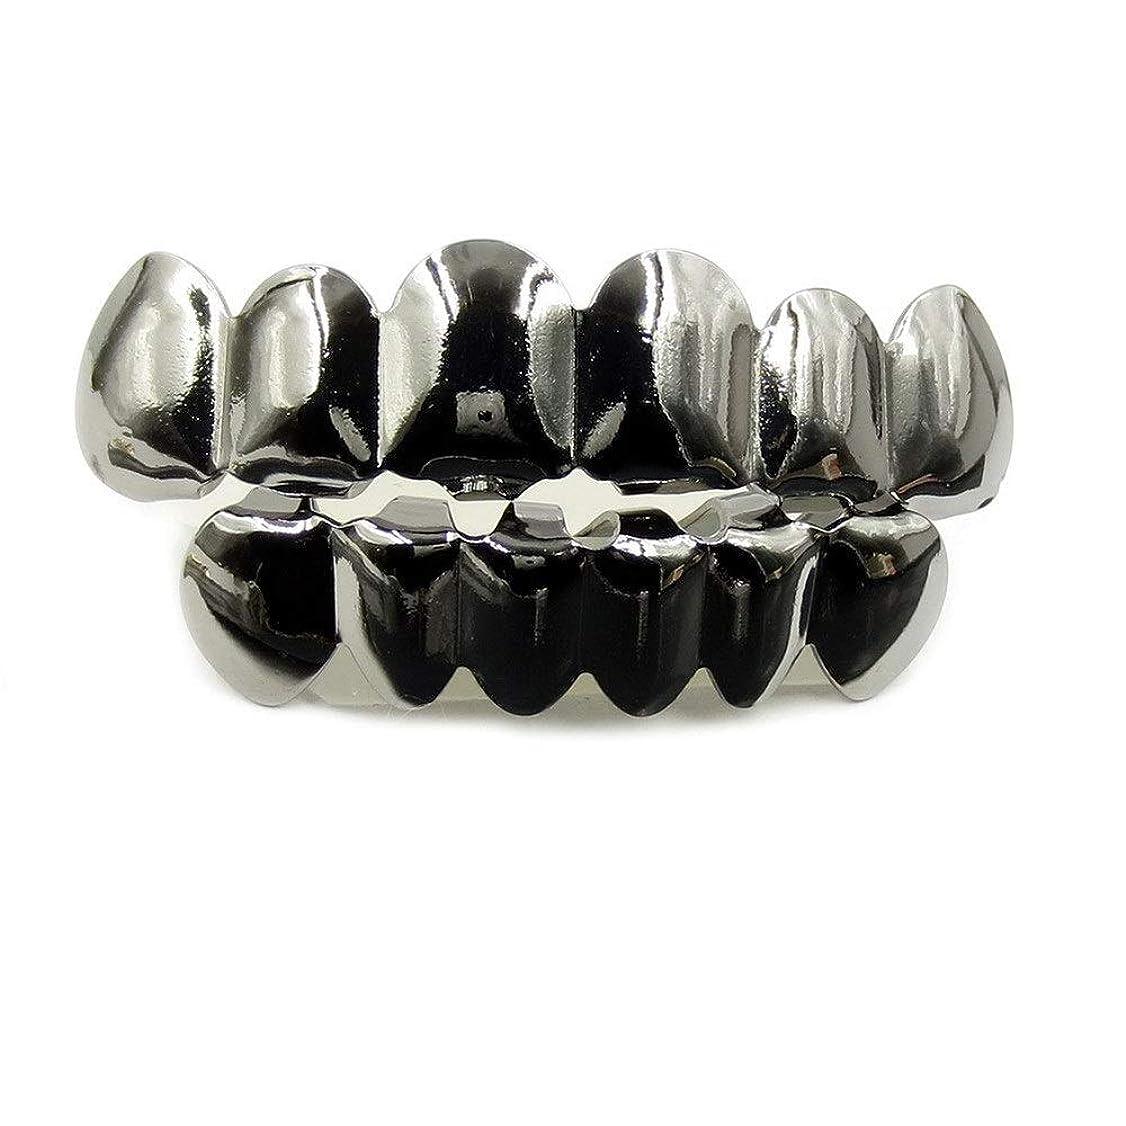 しなやか約設定オーガニックヨーロッパ系アメリカ人INS最もホットなヒップホップの歯キャップ、ゴールド&ブラック&シルバー歯ブレースゴールドプレート口の歯 (Color : Black)